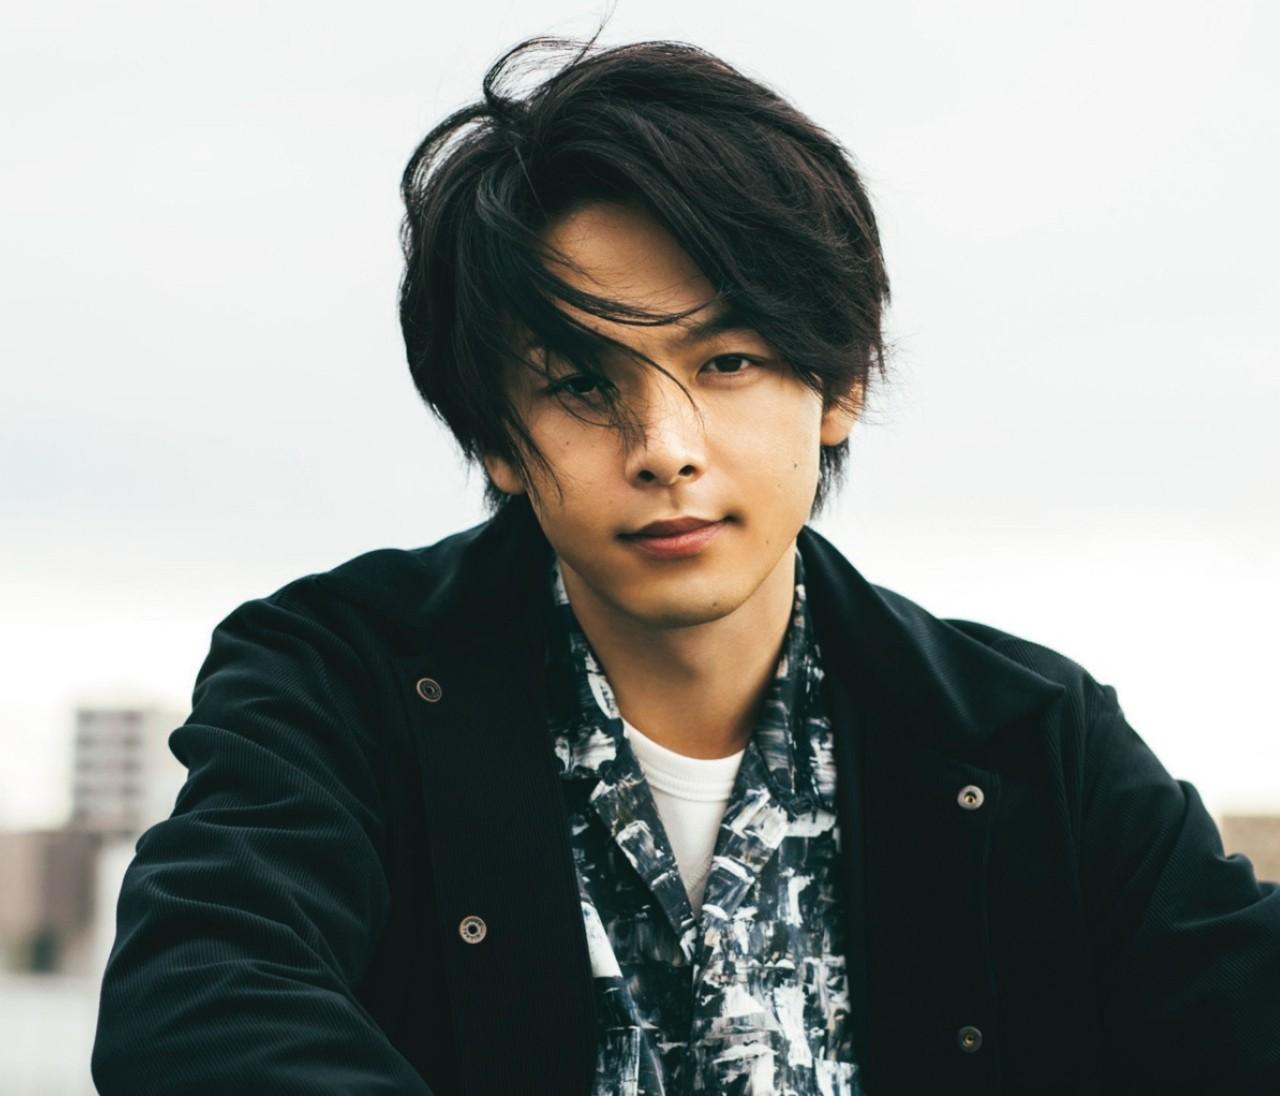 【中村倫也さん】もがいていた20代、居場所を見つけた30代…スペシャルインタビュー!